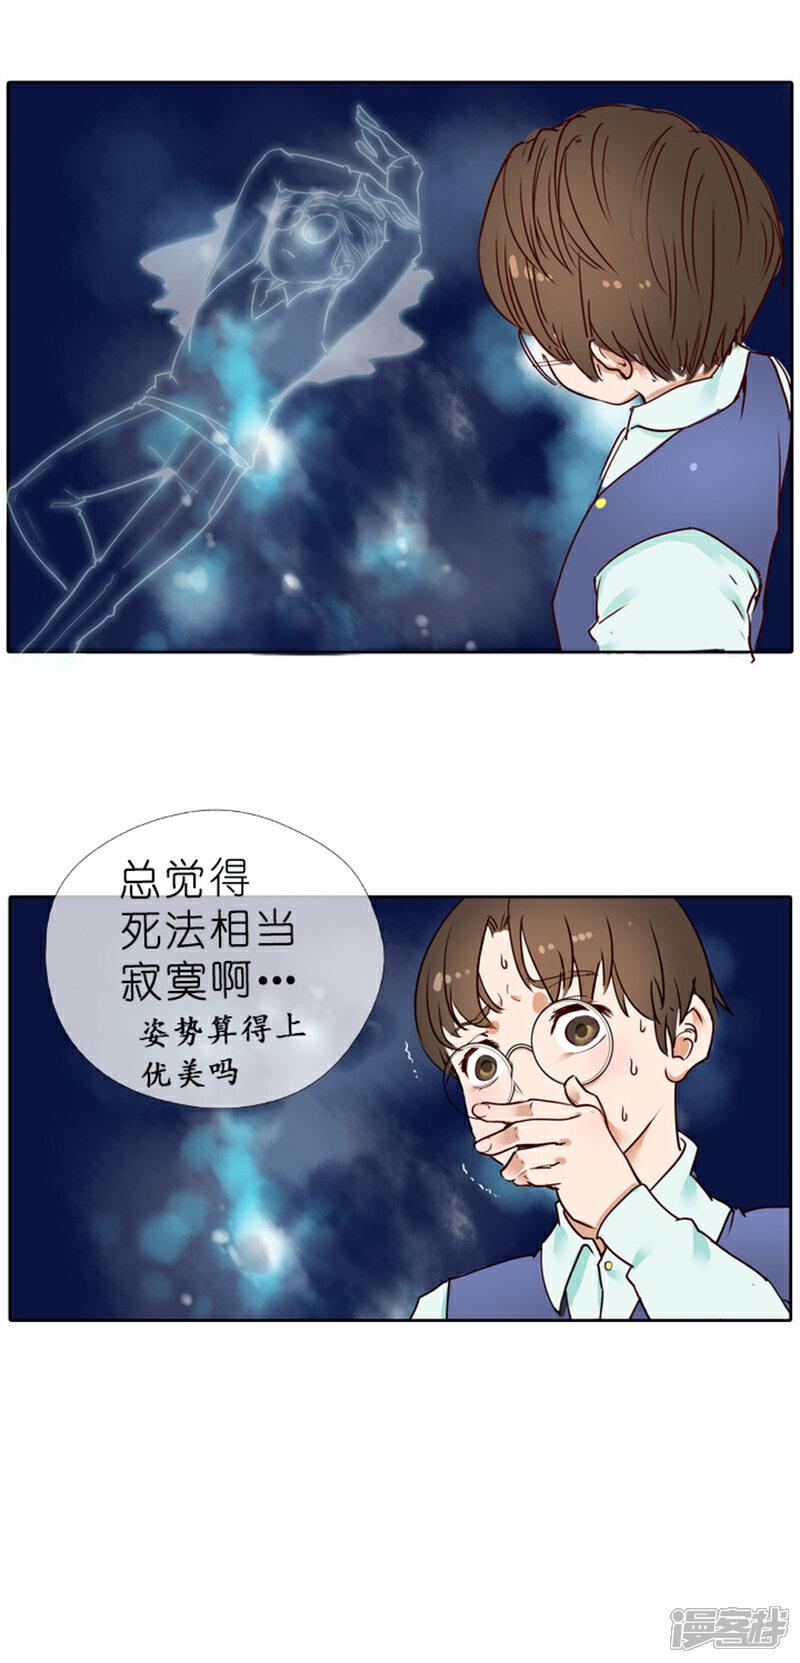 客栈帮帮忙漫画第3话-漫军营漫画祖先图图片